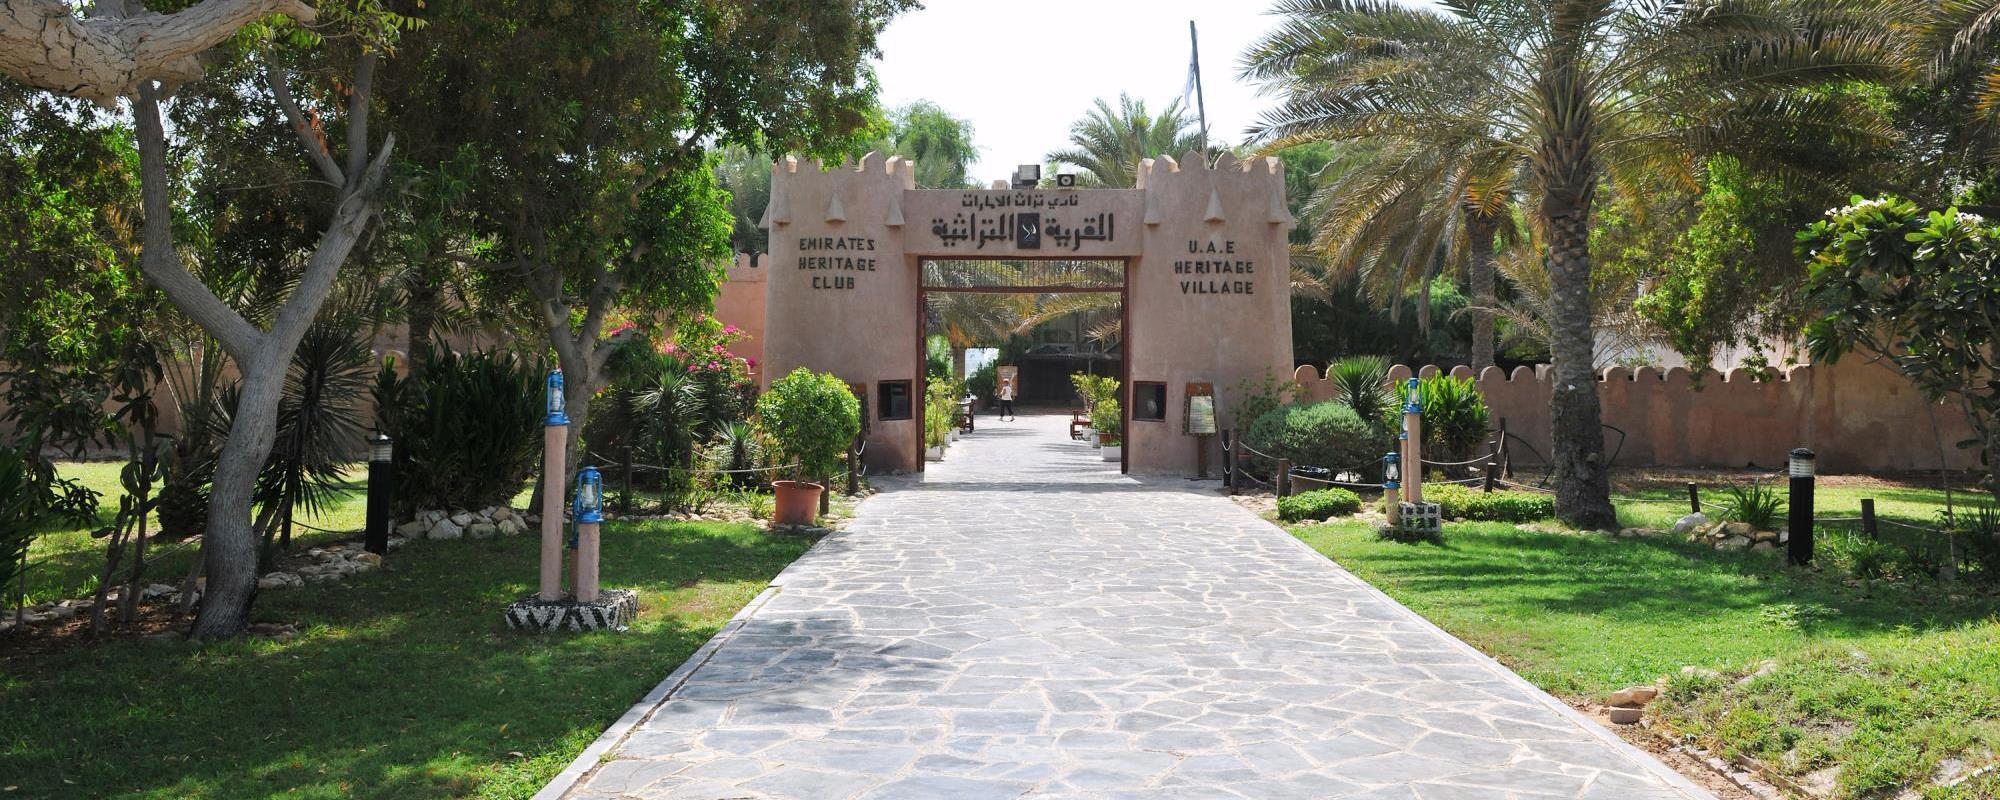 منطقة القرية التراثية في إمارة دبي